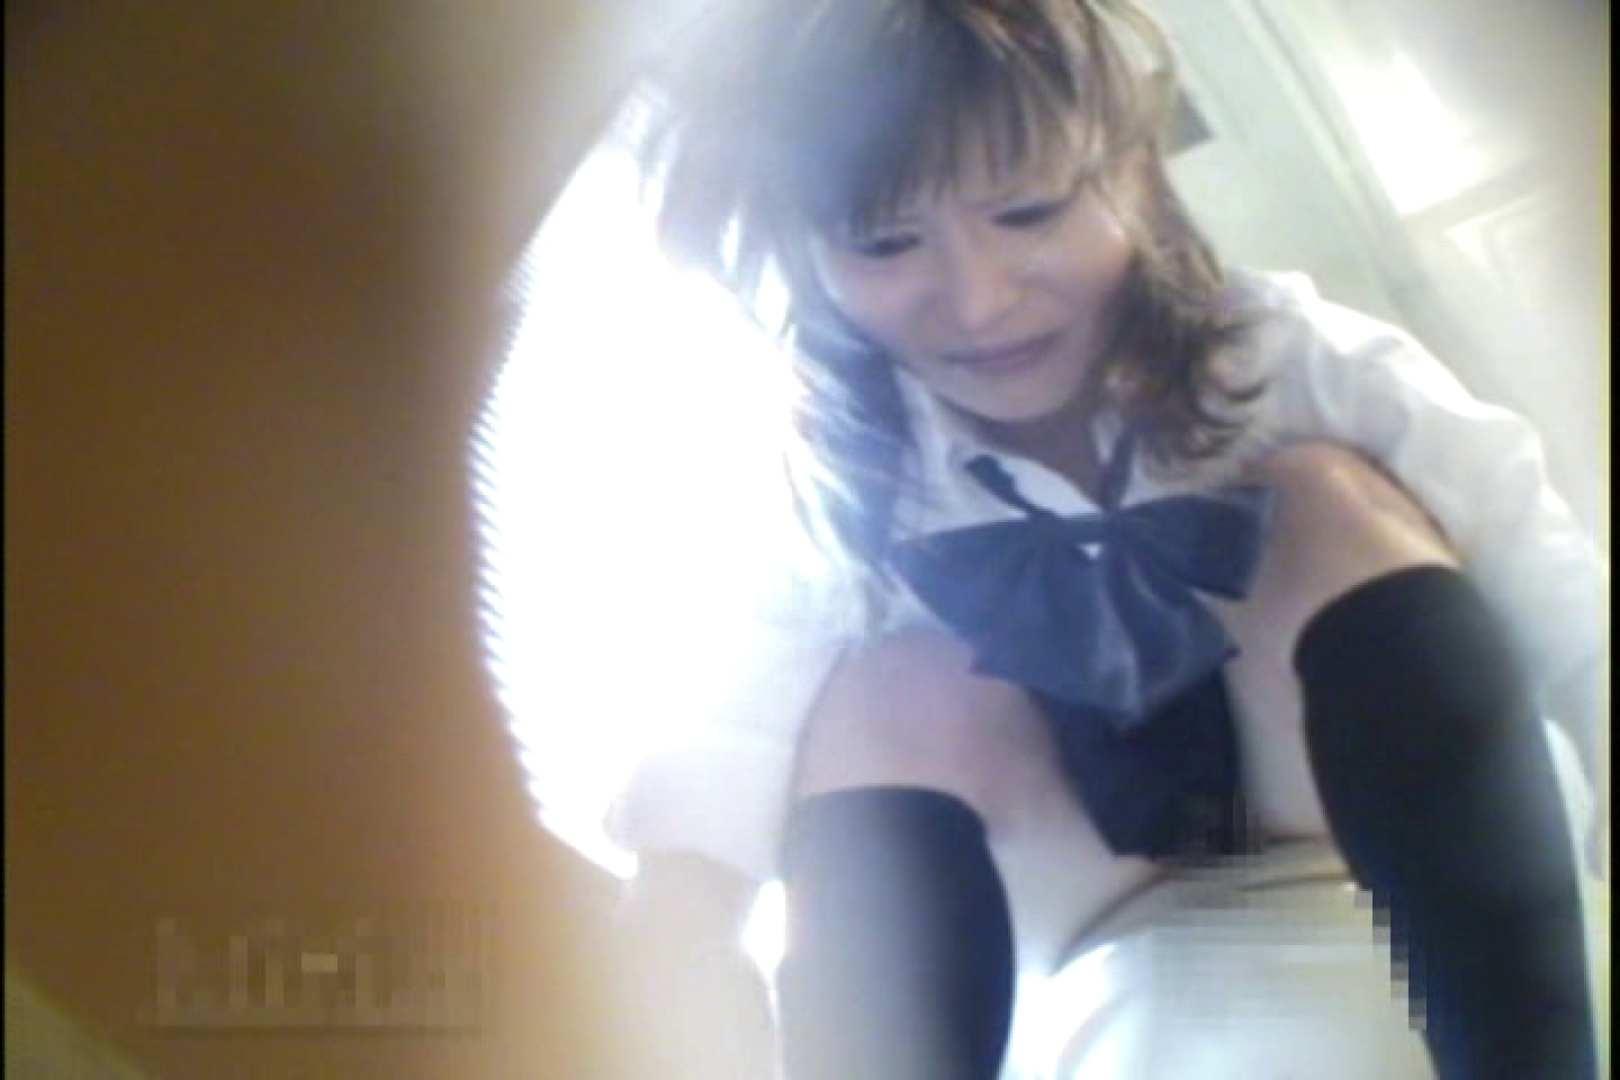 ギリギリアウトな嬢達Vol.8 洗面所はめどり オマンコ無修正動画無料 99画像 5